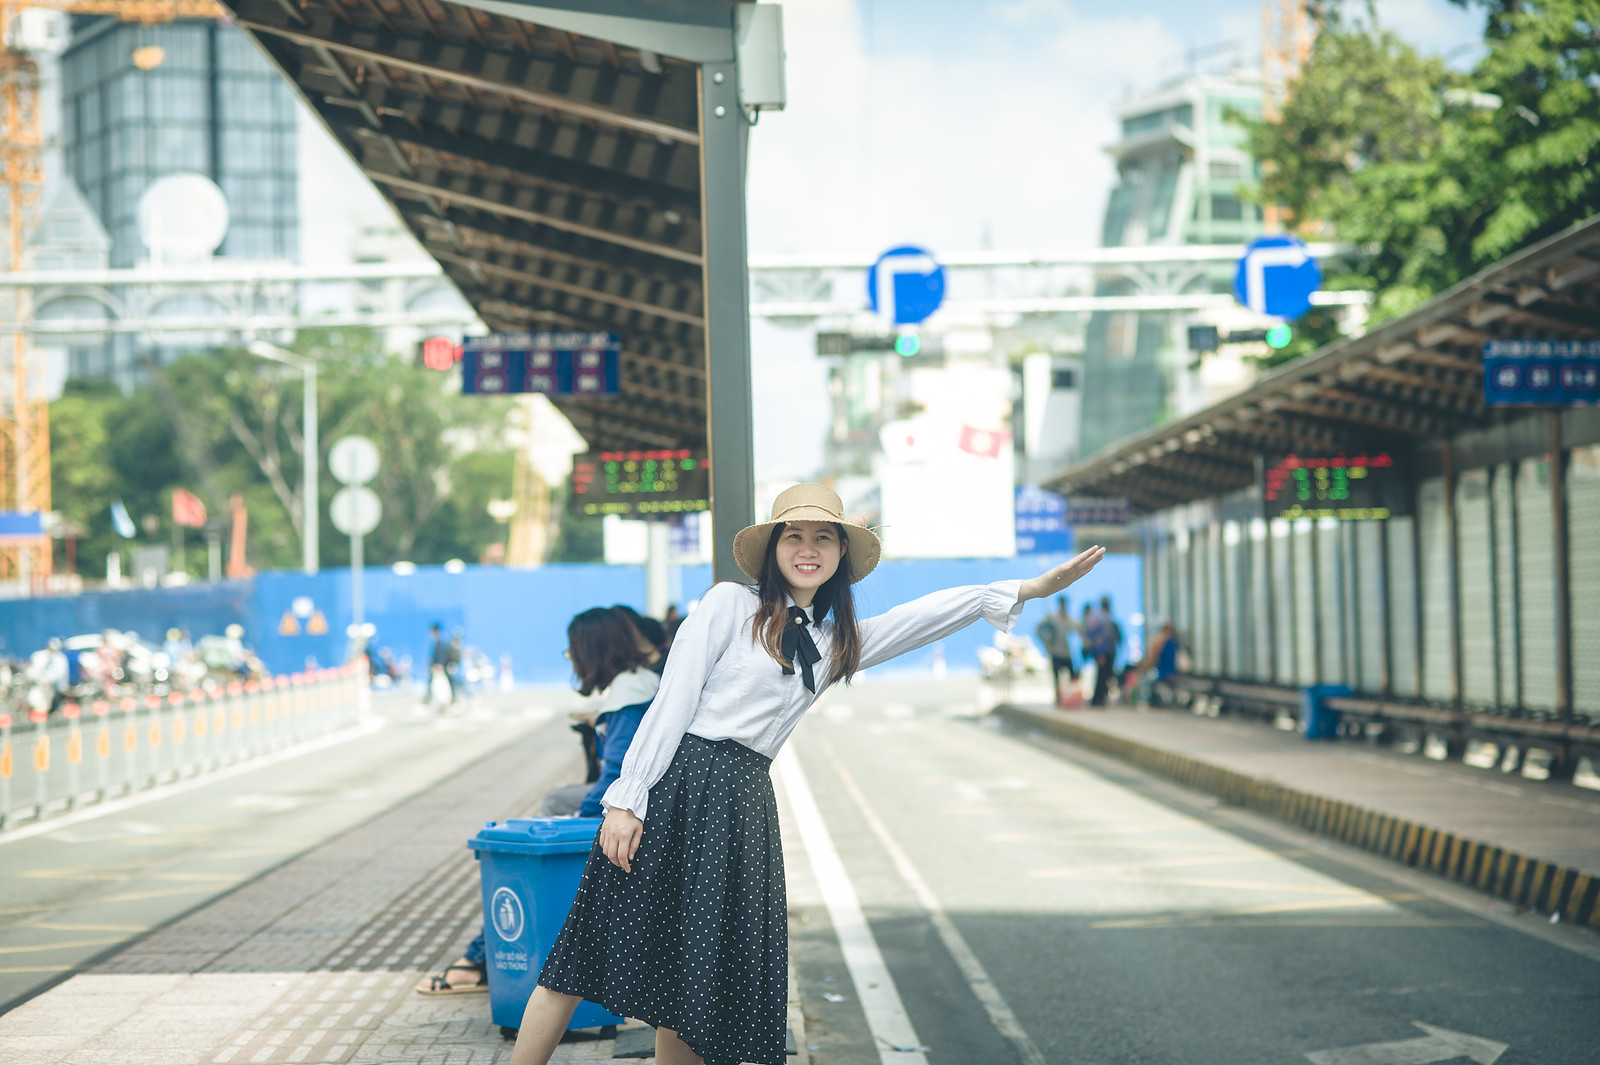 43075514352 1928ab92aa h - Trạm xe buýt quận 1, địa điểm check-in mới cho giới trẻ Sài Gòn